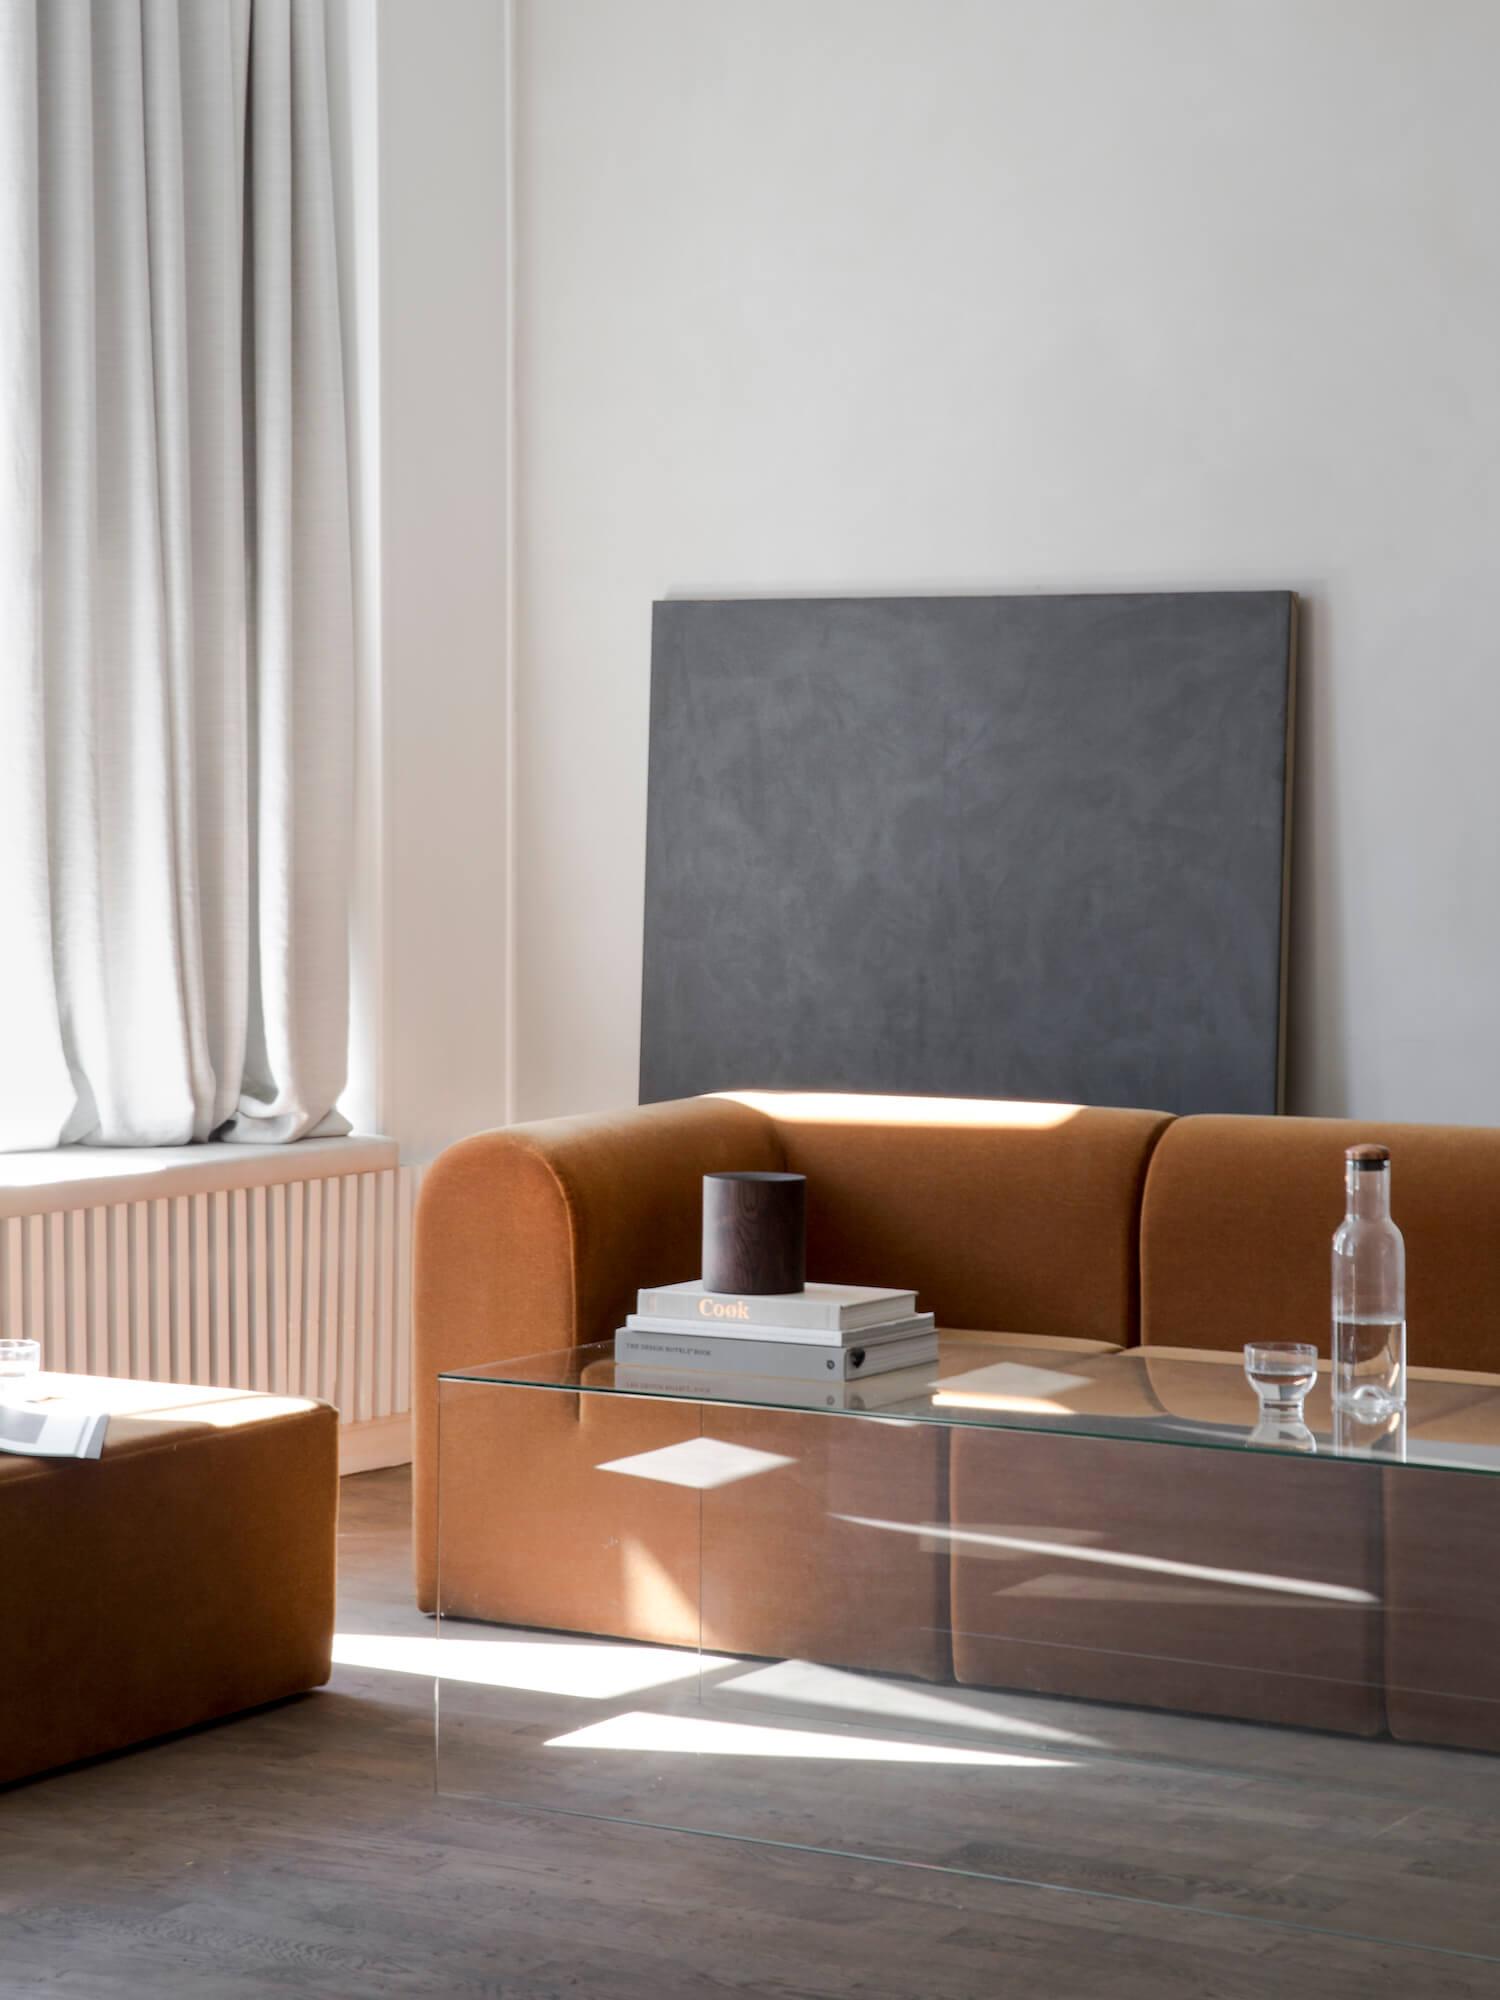 est living interview jonas bejerre poulsen norm architects 4